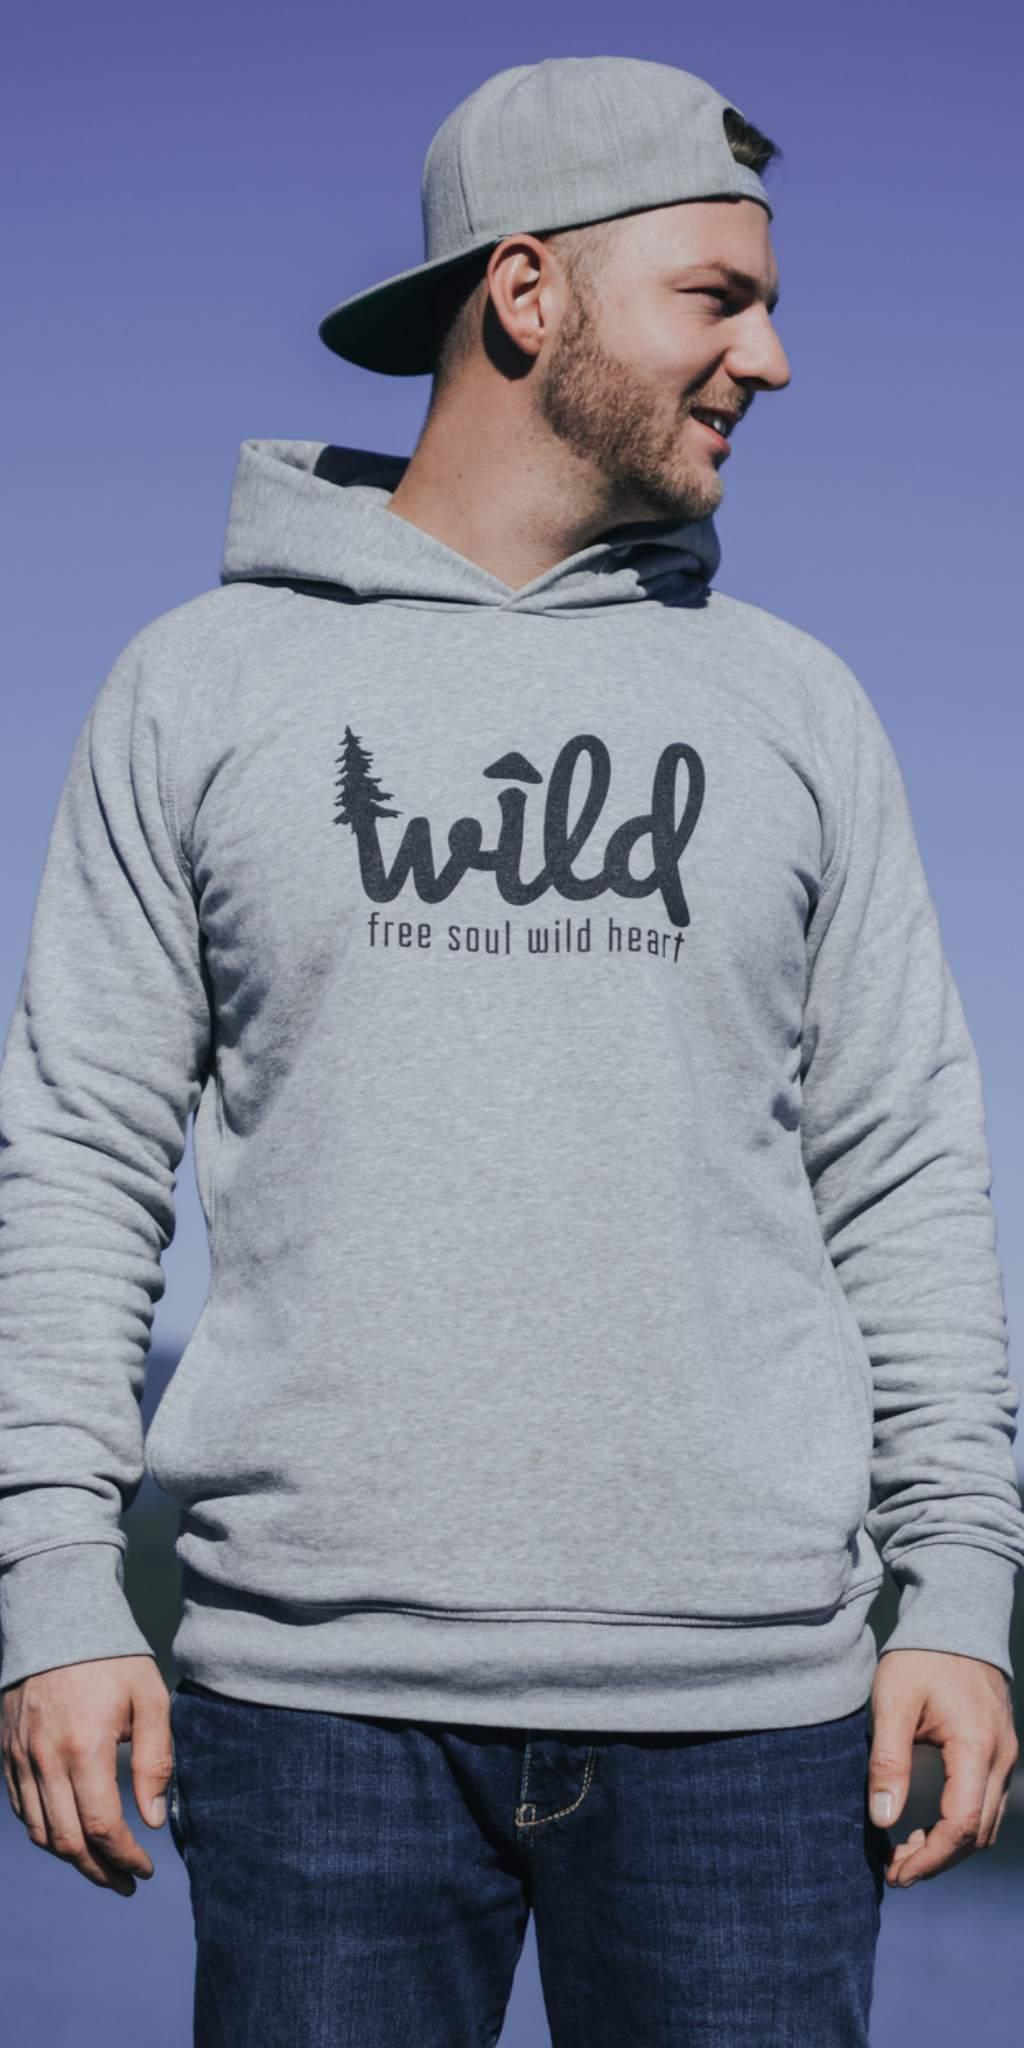 Wild Hoodie, Wild Pullover, Hoodie mit Wild Design, Wild, Free Soul Wild Heart, Hoodie, Pullover, grauer Hoodie, grauer Pullover, Graphic Design Hoodie,